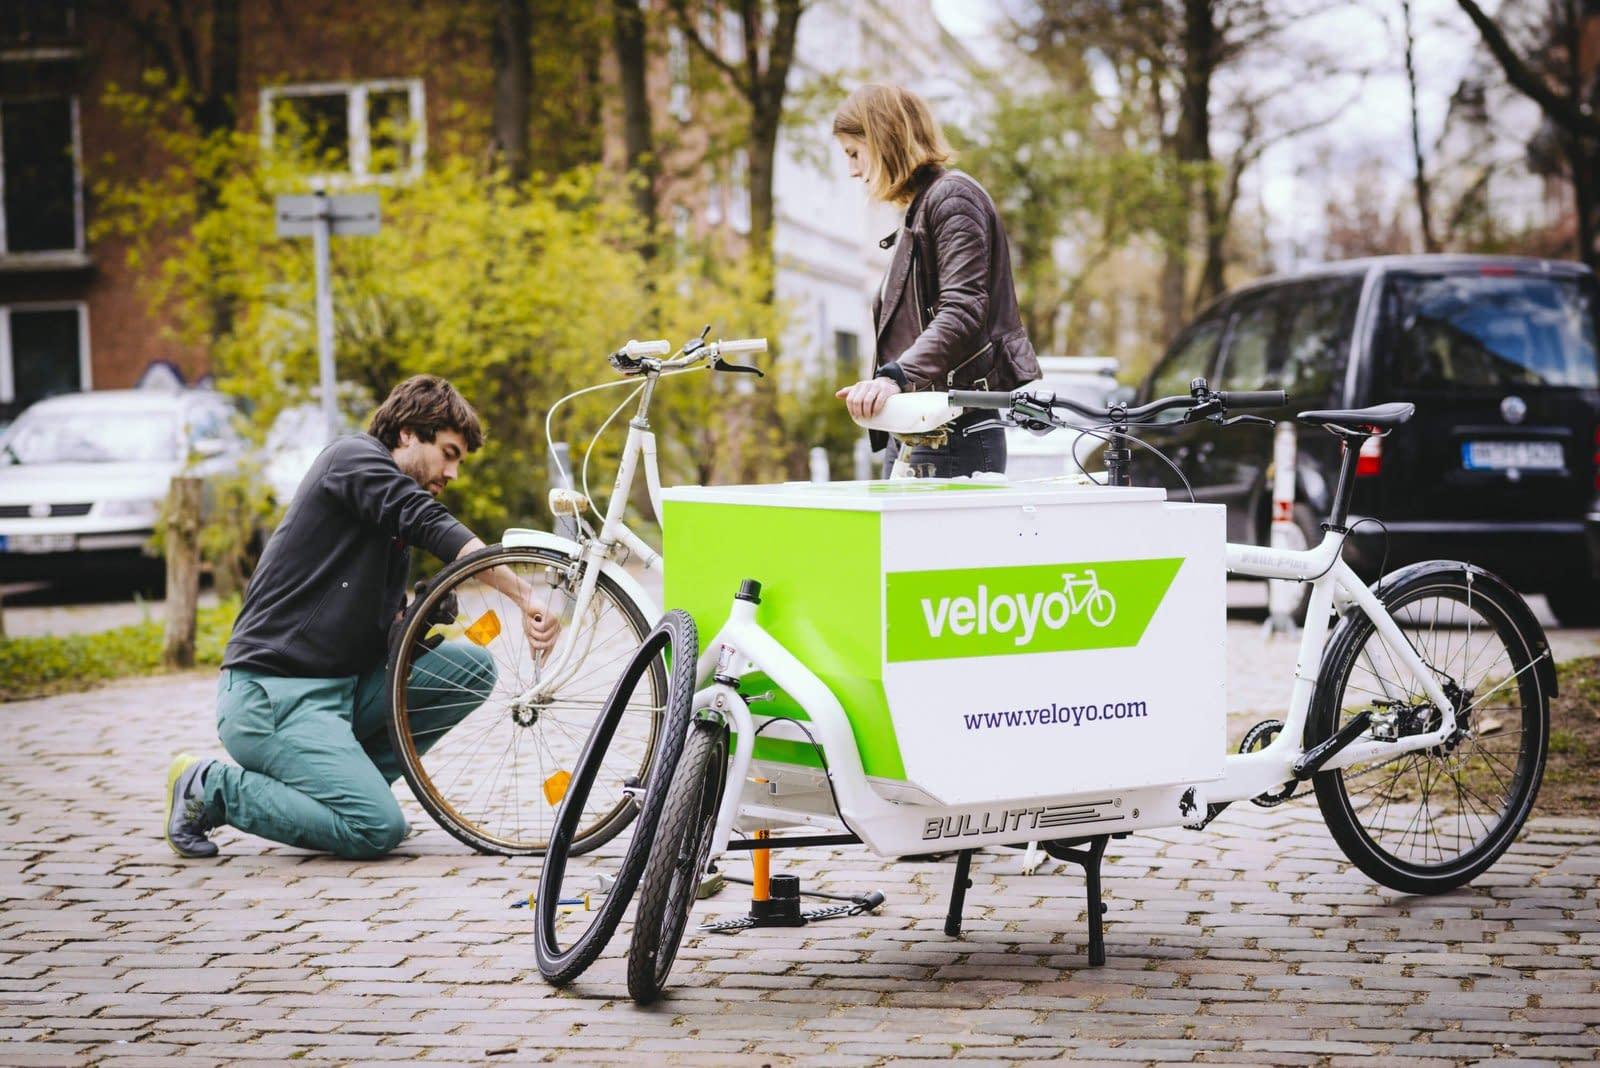 businessfotograf-hamburg-pressefotos-public-relations-pr-unternehmensfotografie-startup-gruender-fahrrad-veloyo-4